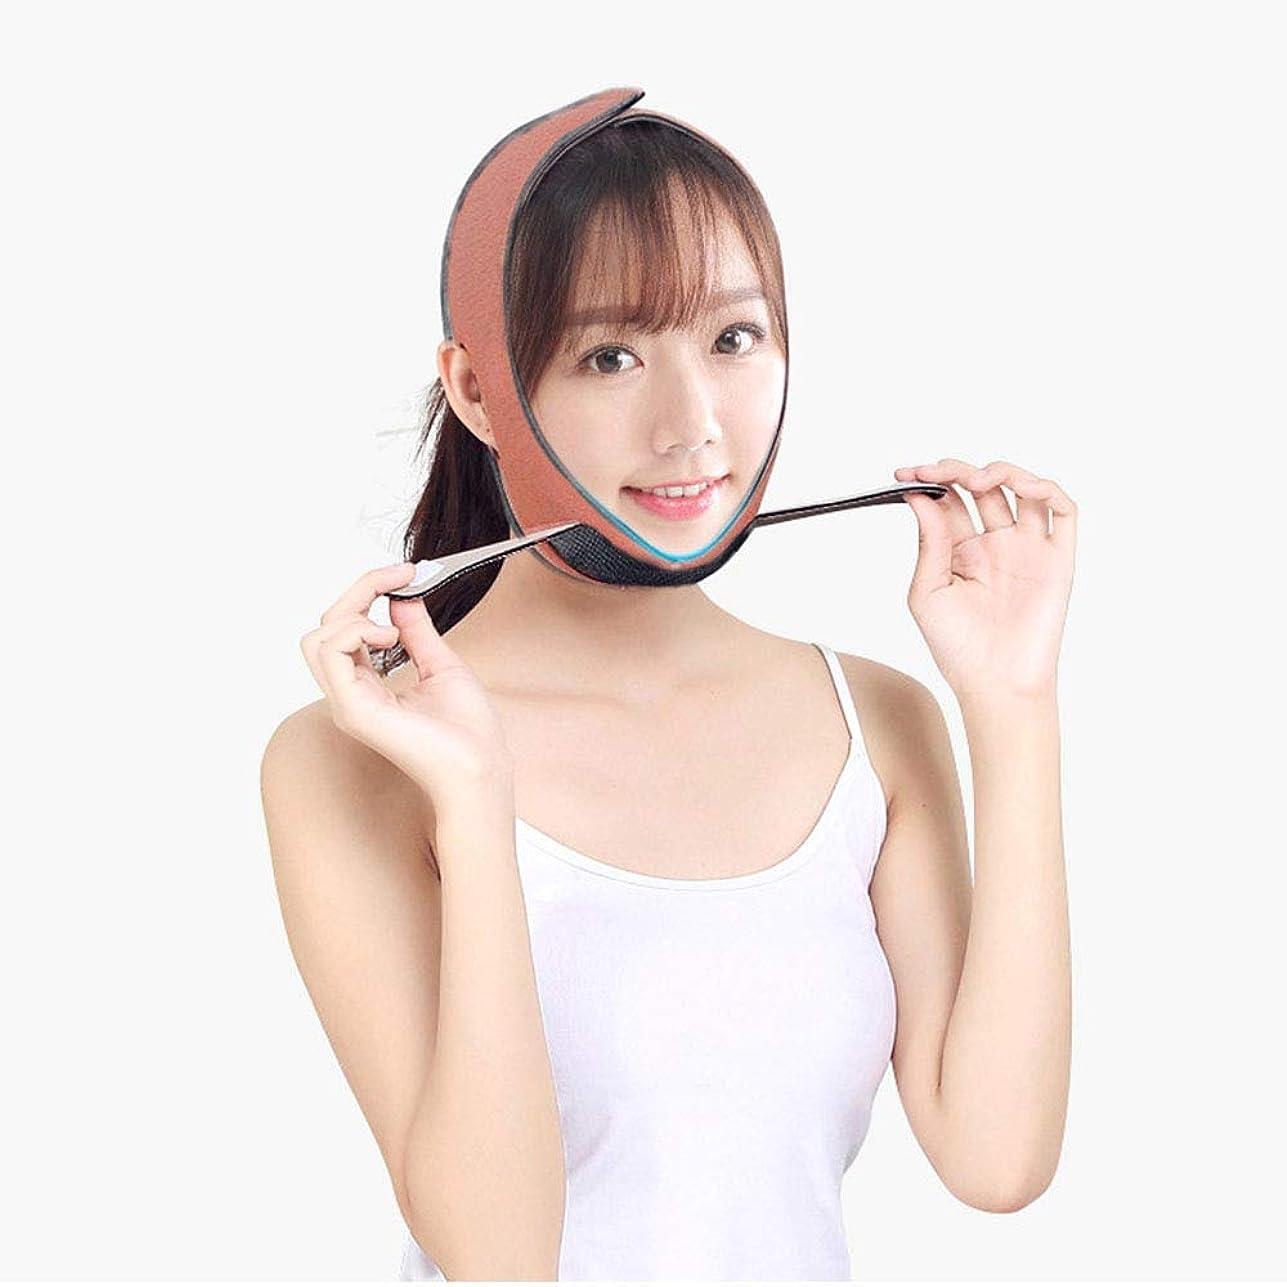 スキム利用可能答えフェイスリフティングアーティファクト包帯、睡眠用通気性マスク/シェイピングマスク/vフェイスシンダブルチンスモールフェイスリフティング引き締め(ブラウン)